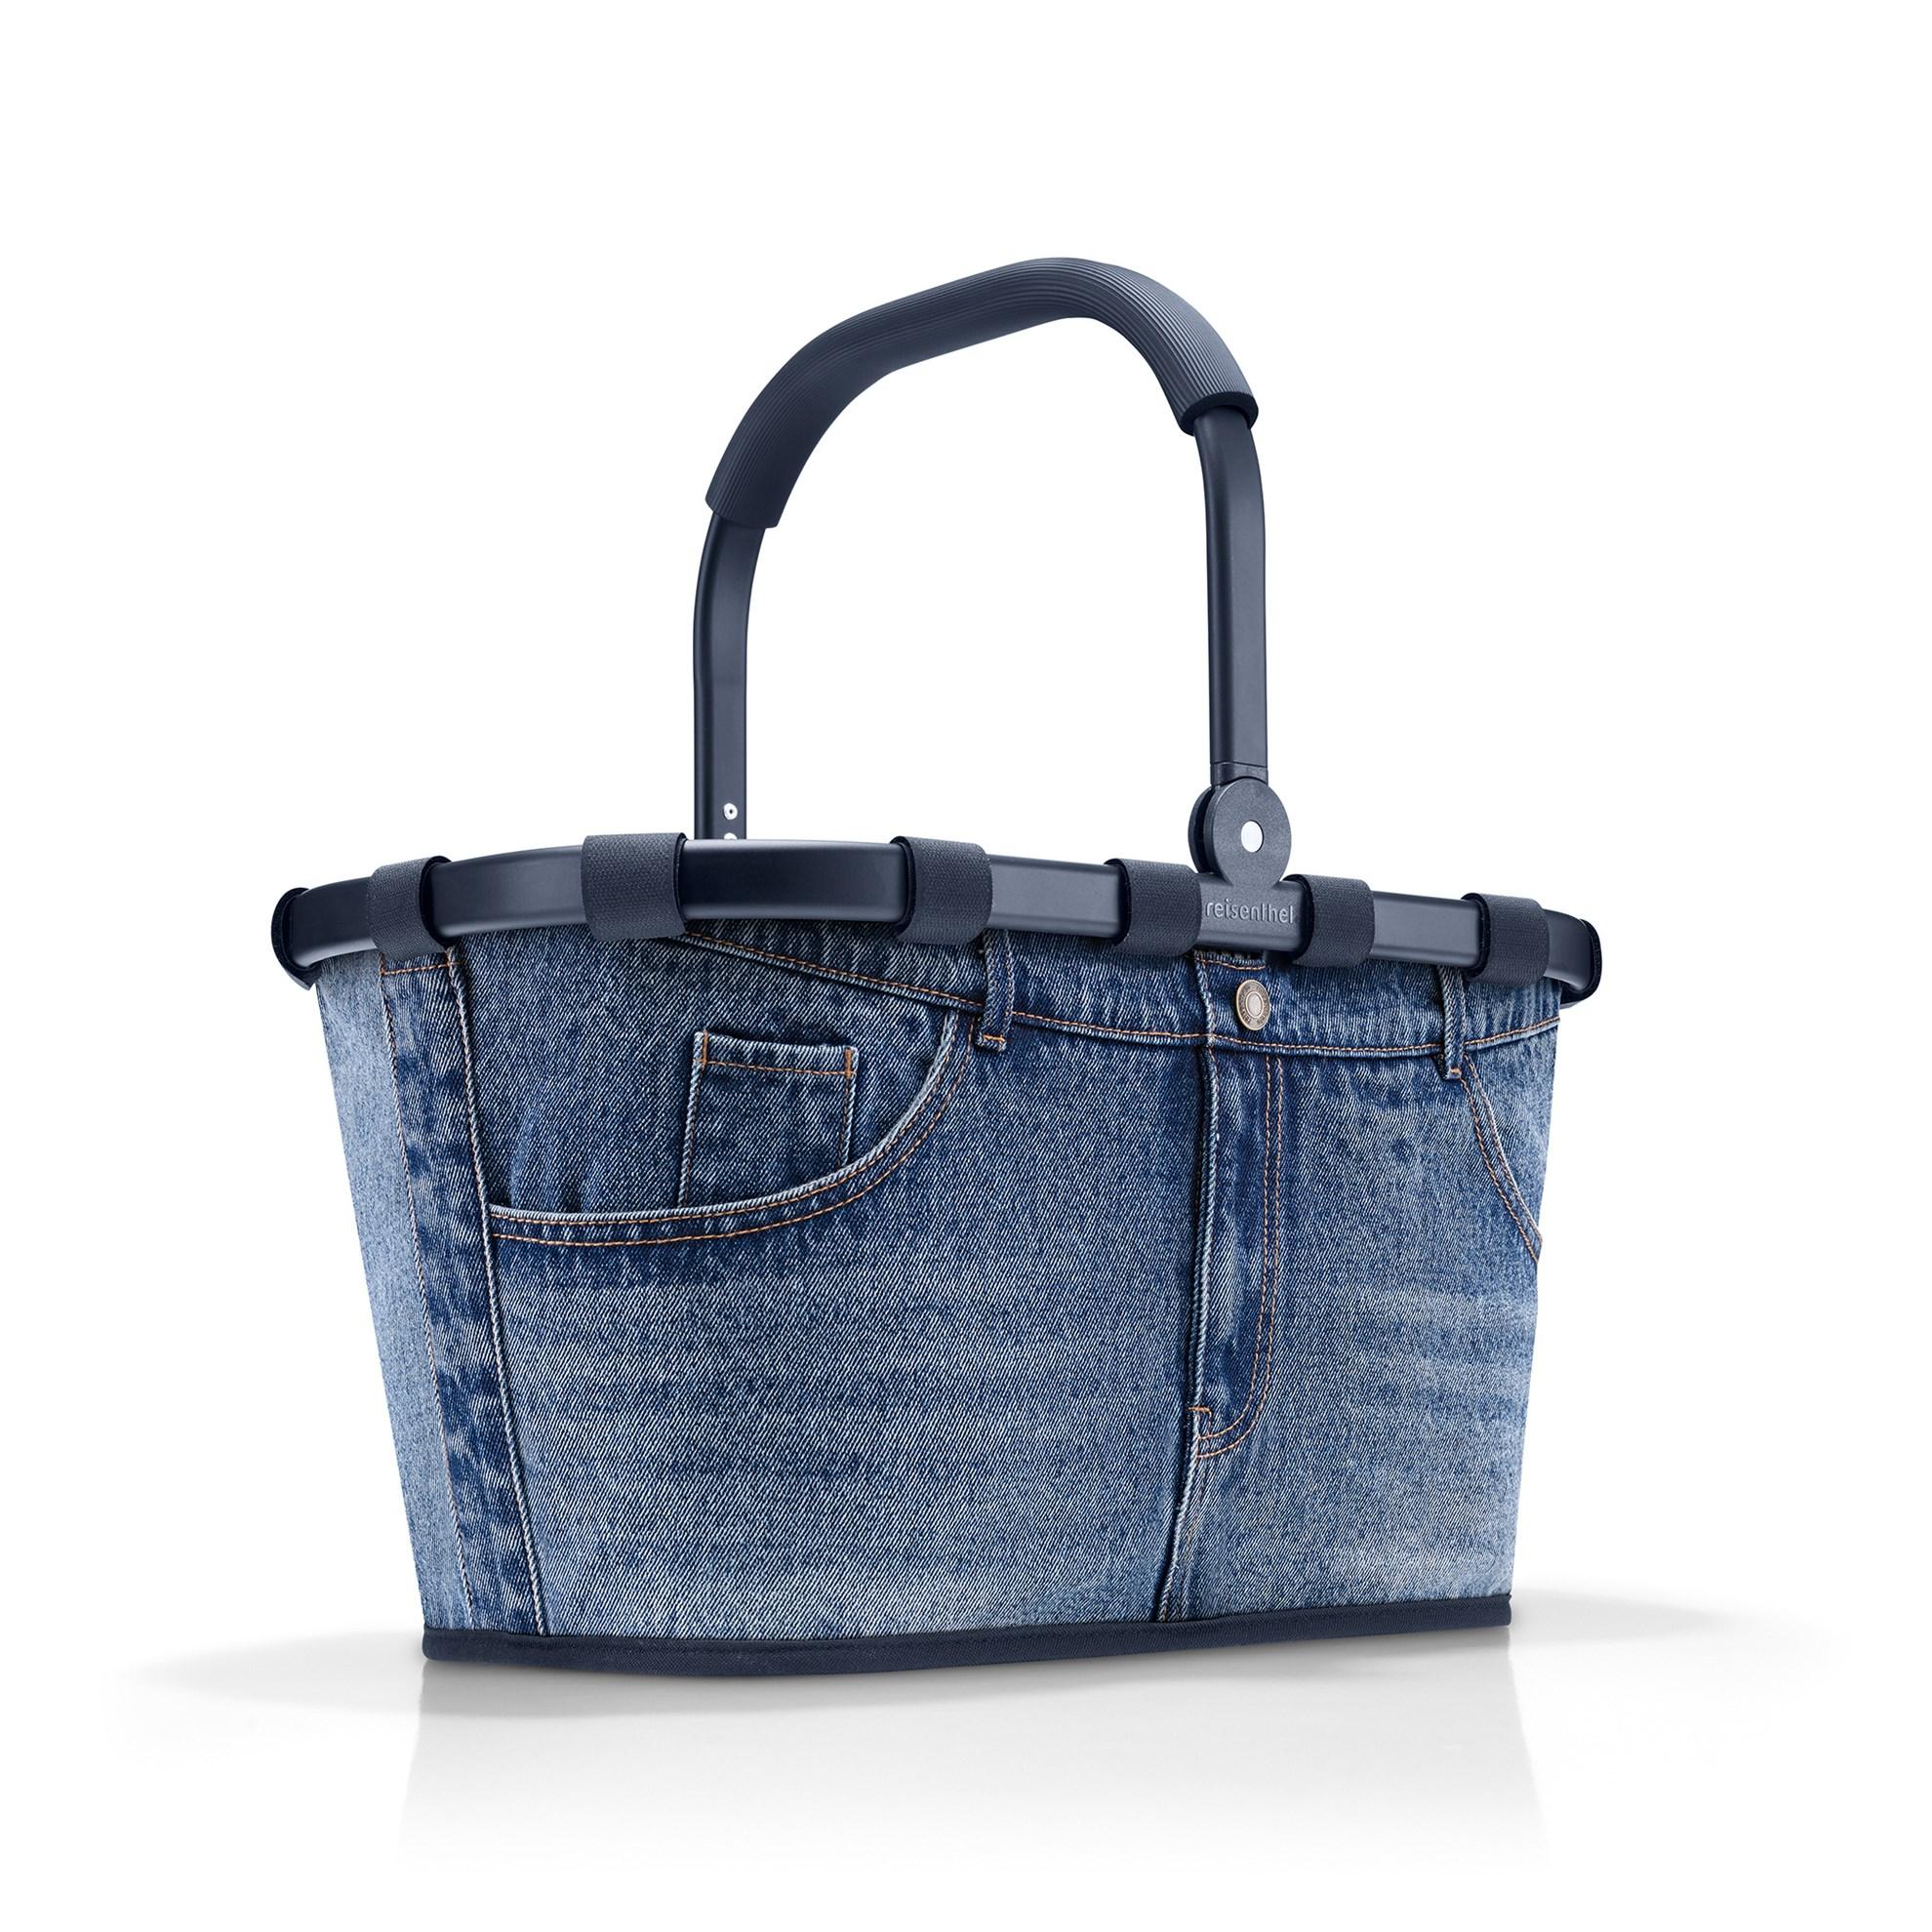 Nákupní košík Carrybag frame jeans classic blue_4